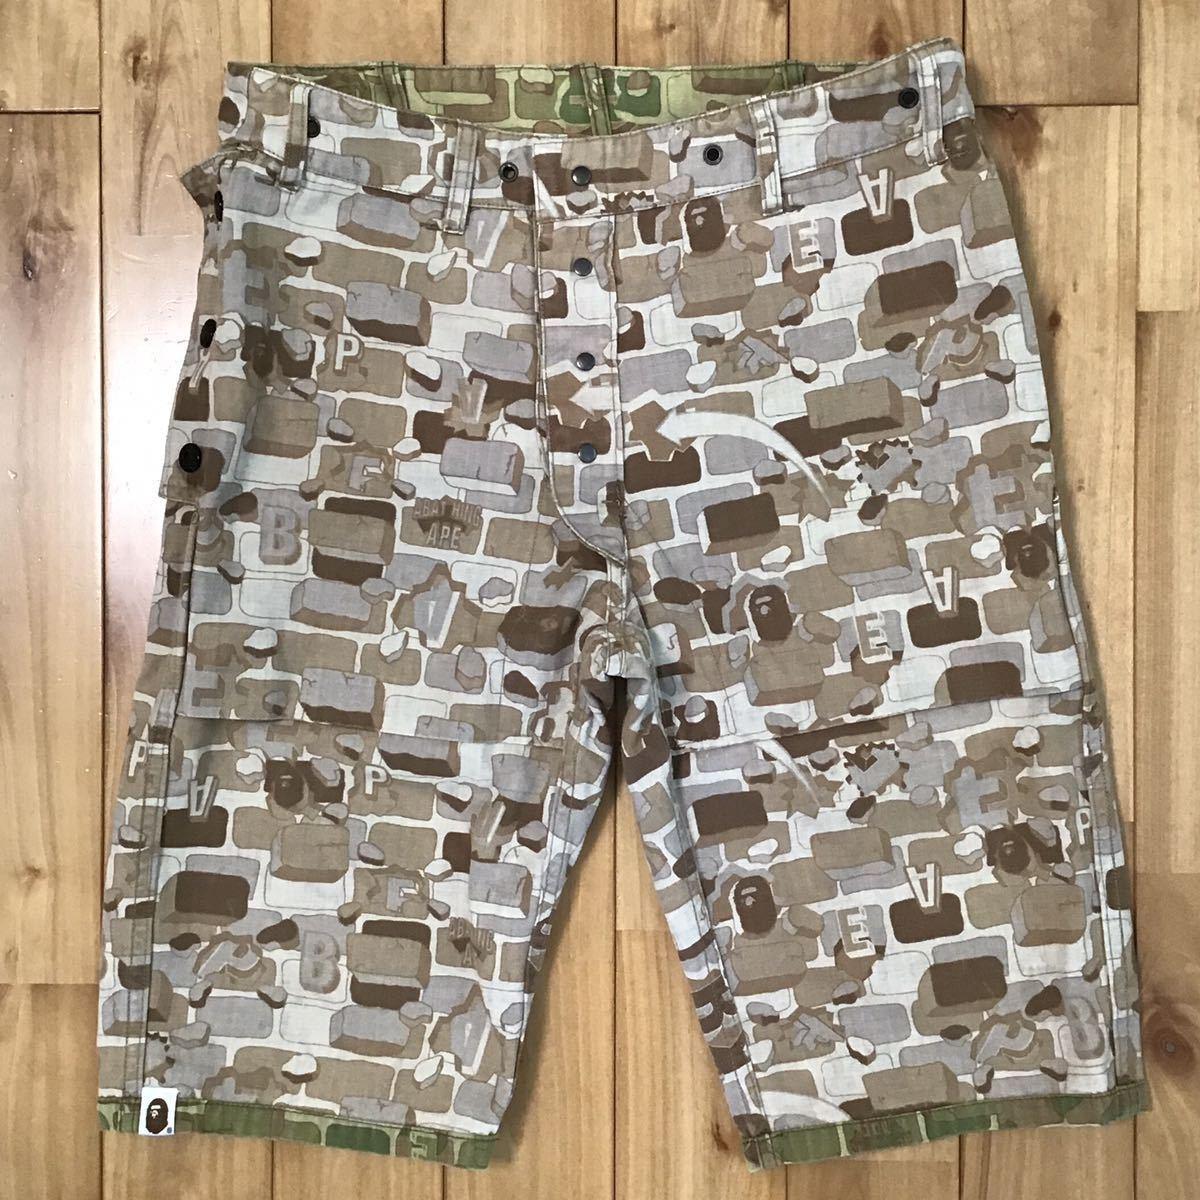 ★リバーシブル★ BAPE camo ハーフパンツ Sサイズ a bathing ape reversible shorts エイプ ベイプ アベイシングエイプ 迷彩 ショーツ 58d